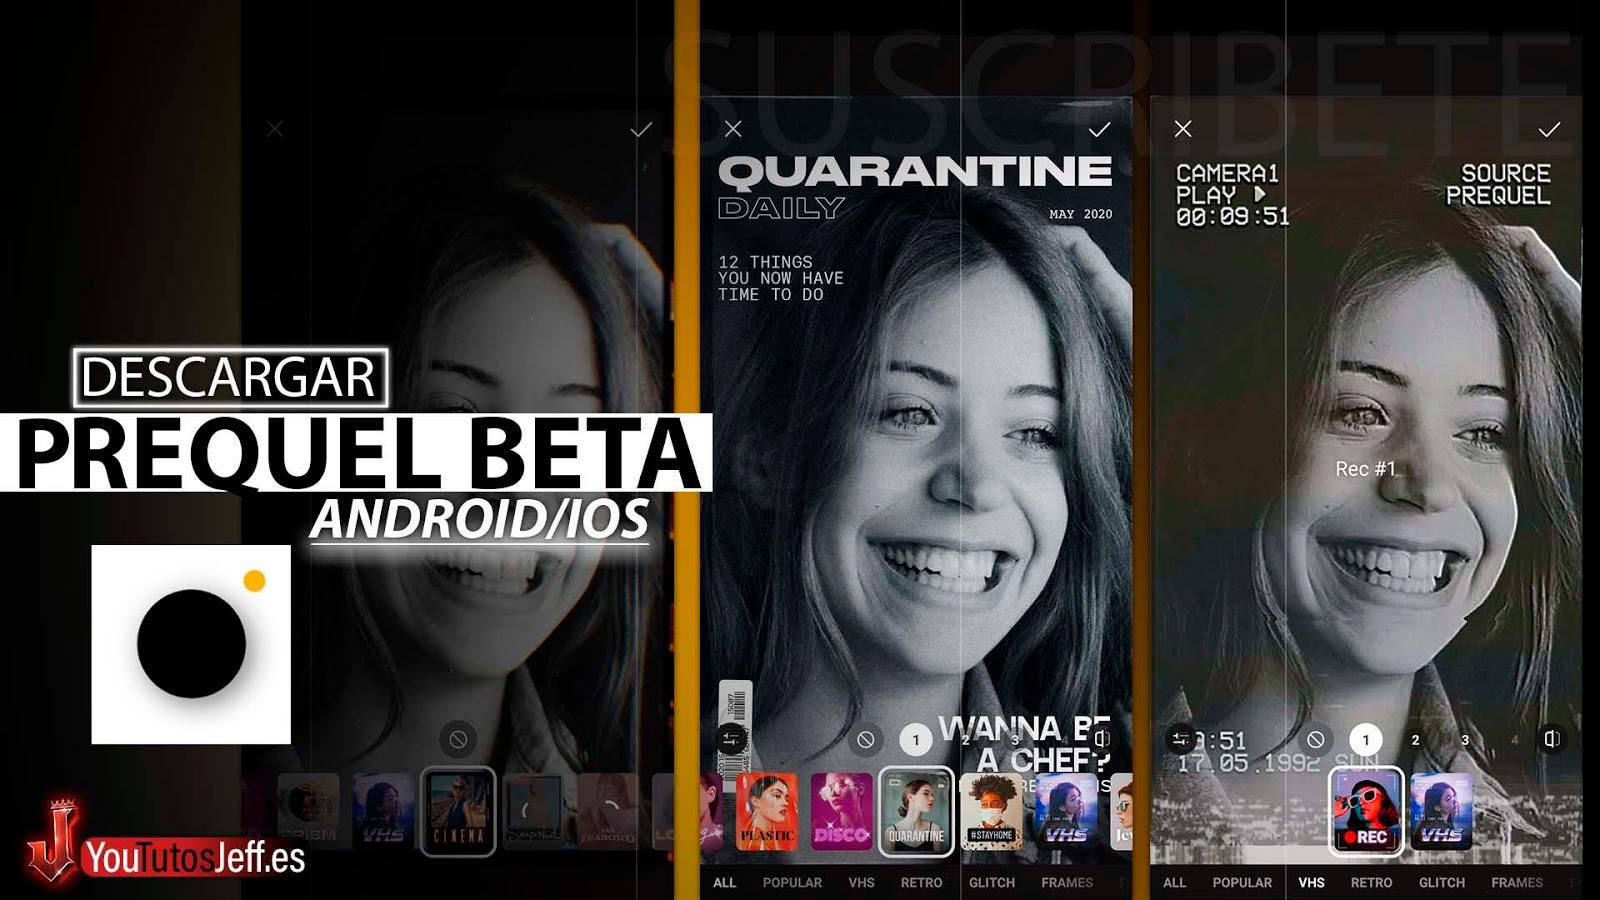 Brutales Efectos y Filtros, Descargar PREQUEL Android o iOS